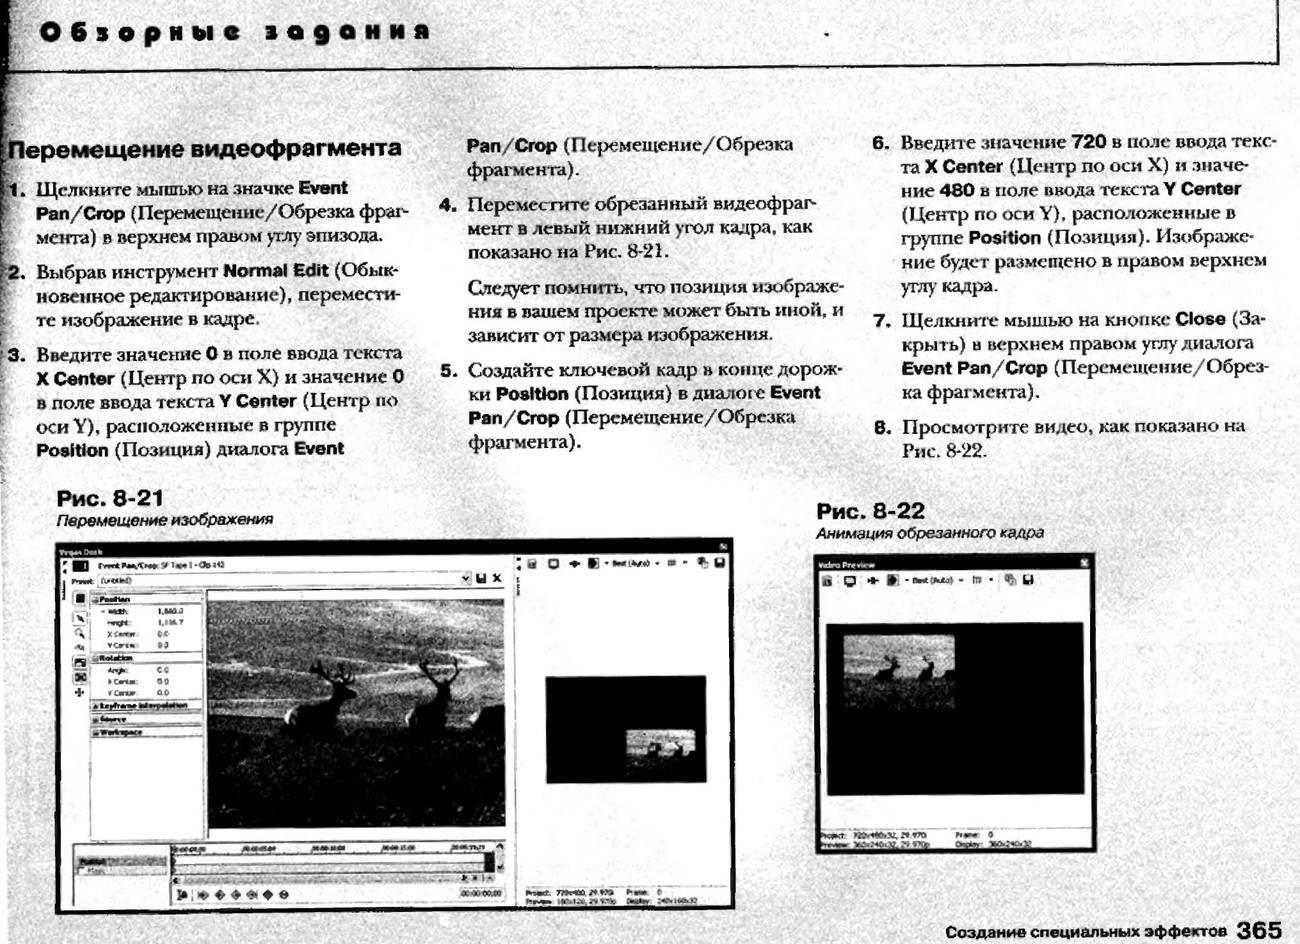 http://redaktori-uroki.3dn.ru/_ph/12/73819157.jpg